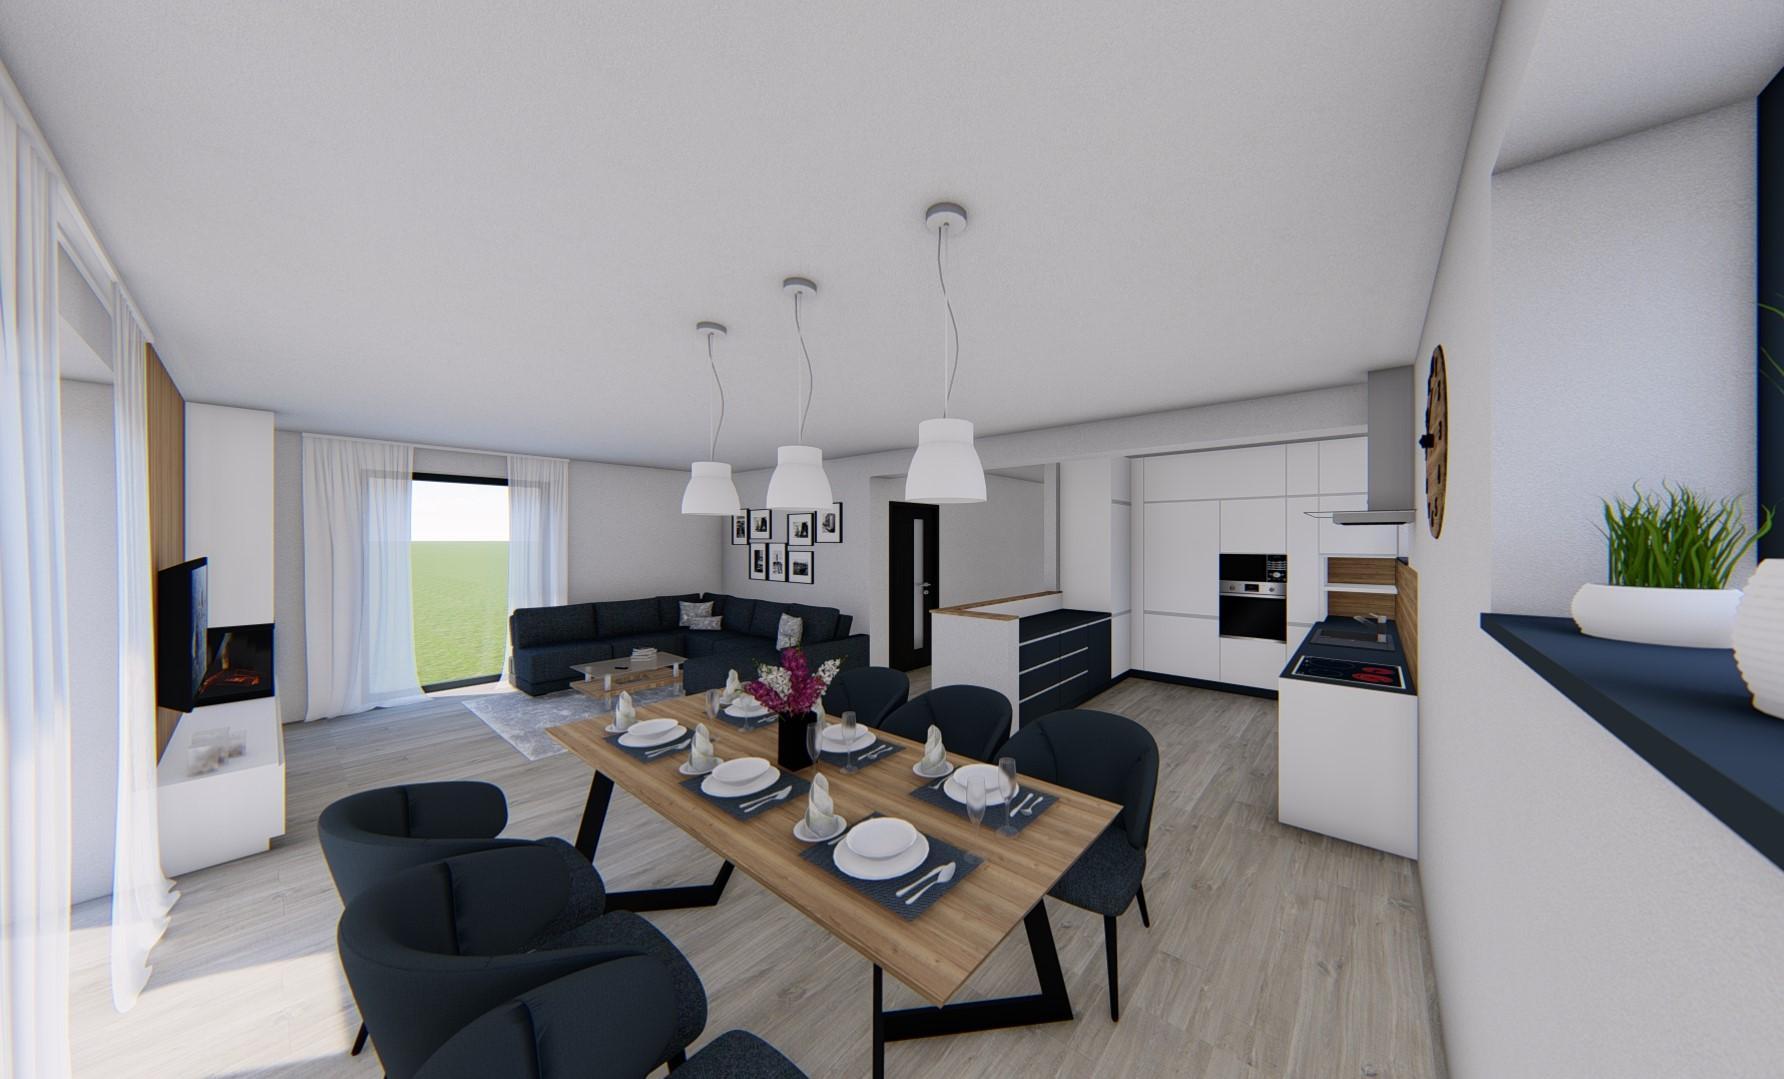 Náš domček ❤️🏡 - Interiérový návrh našej kuchyne, jedálne a obývačky.